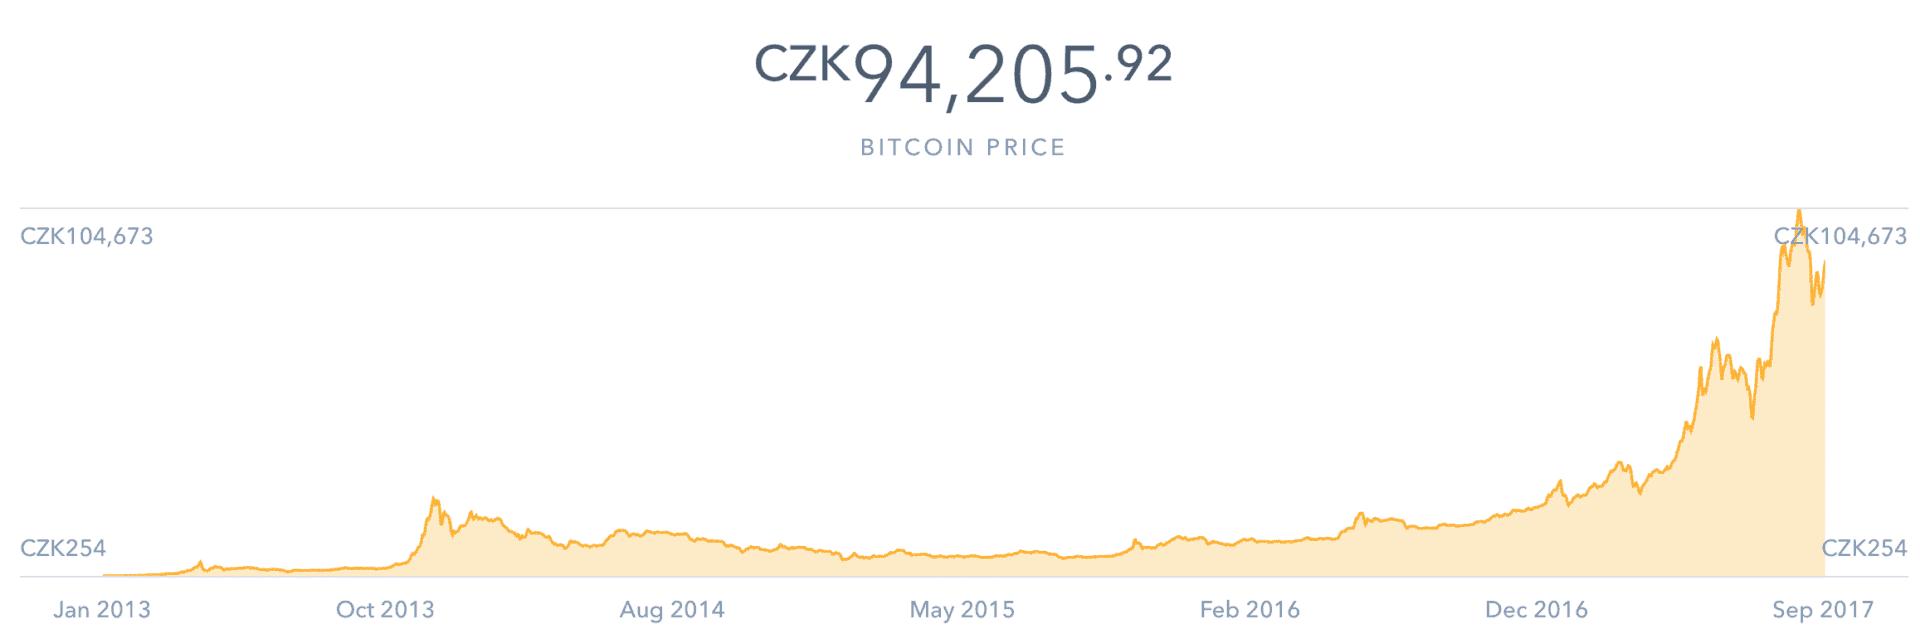 Jak získat Bitcoin spolu s největší finanční bublinou světa?